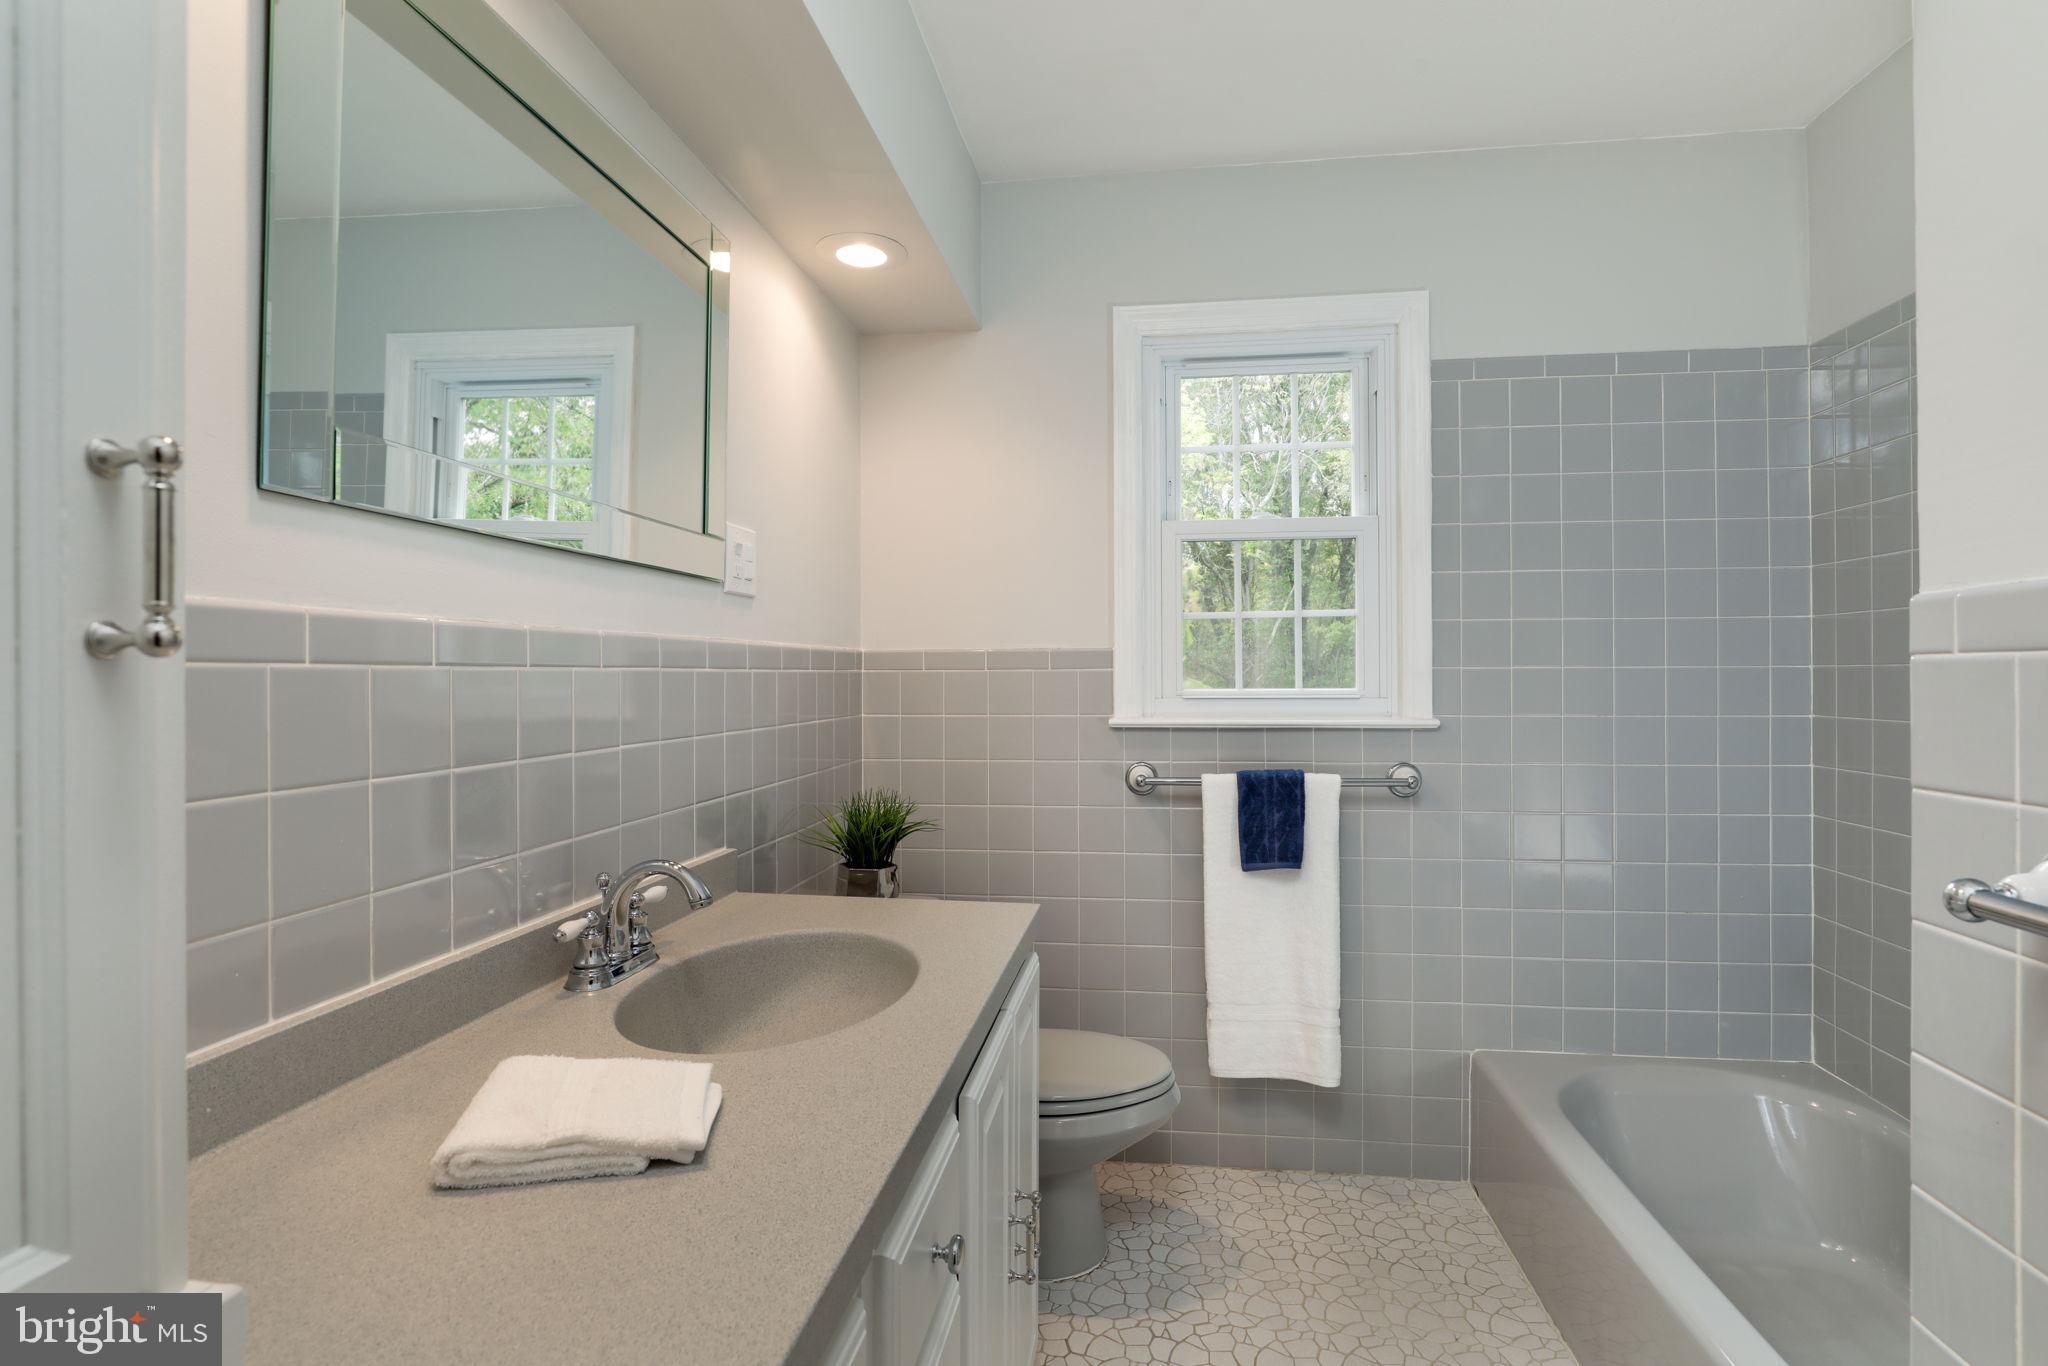 2nd full bath, remodeled